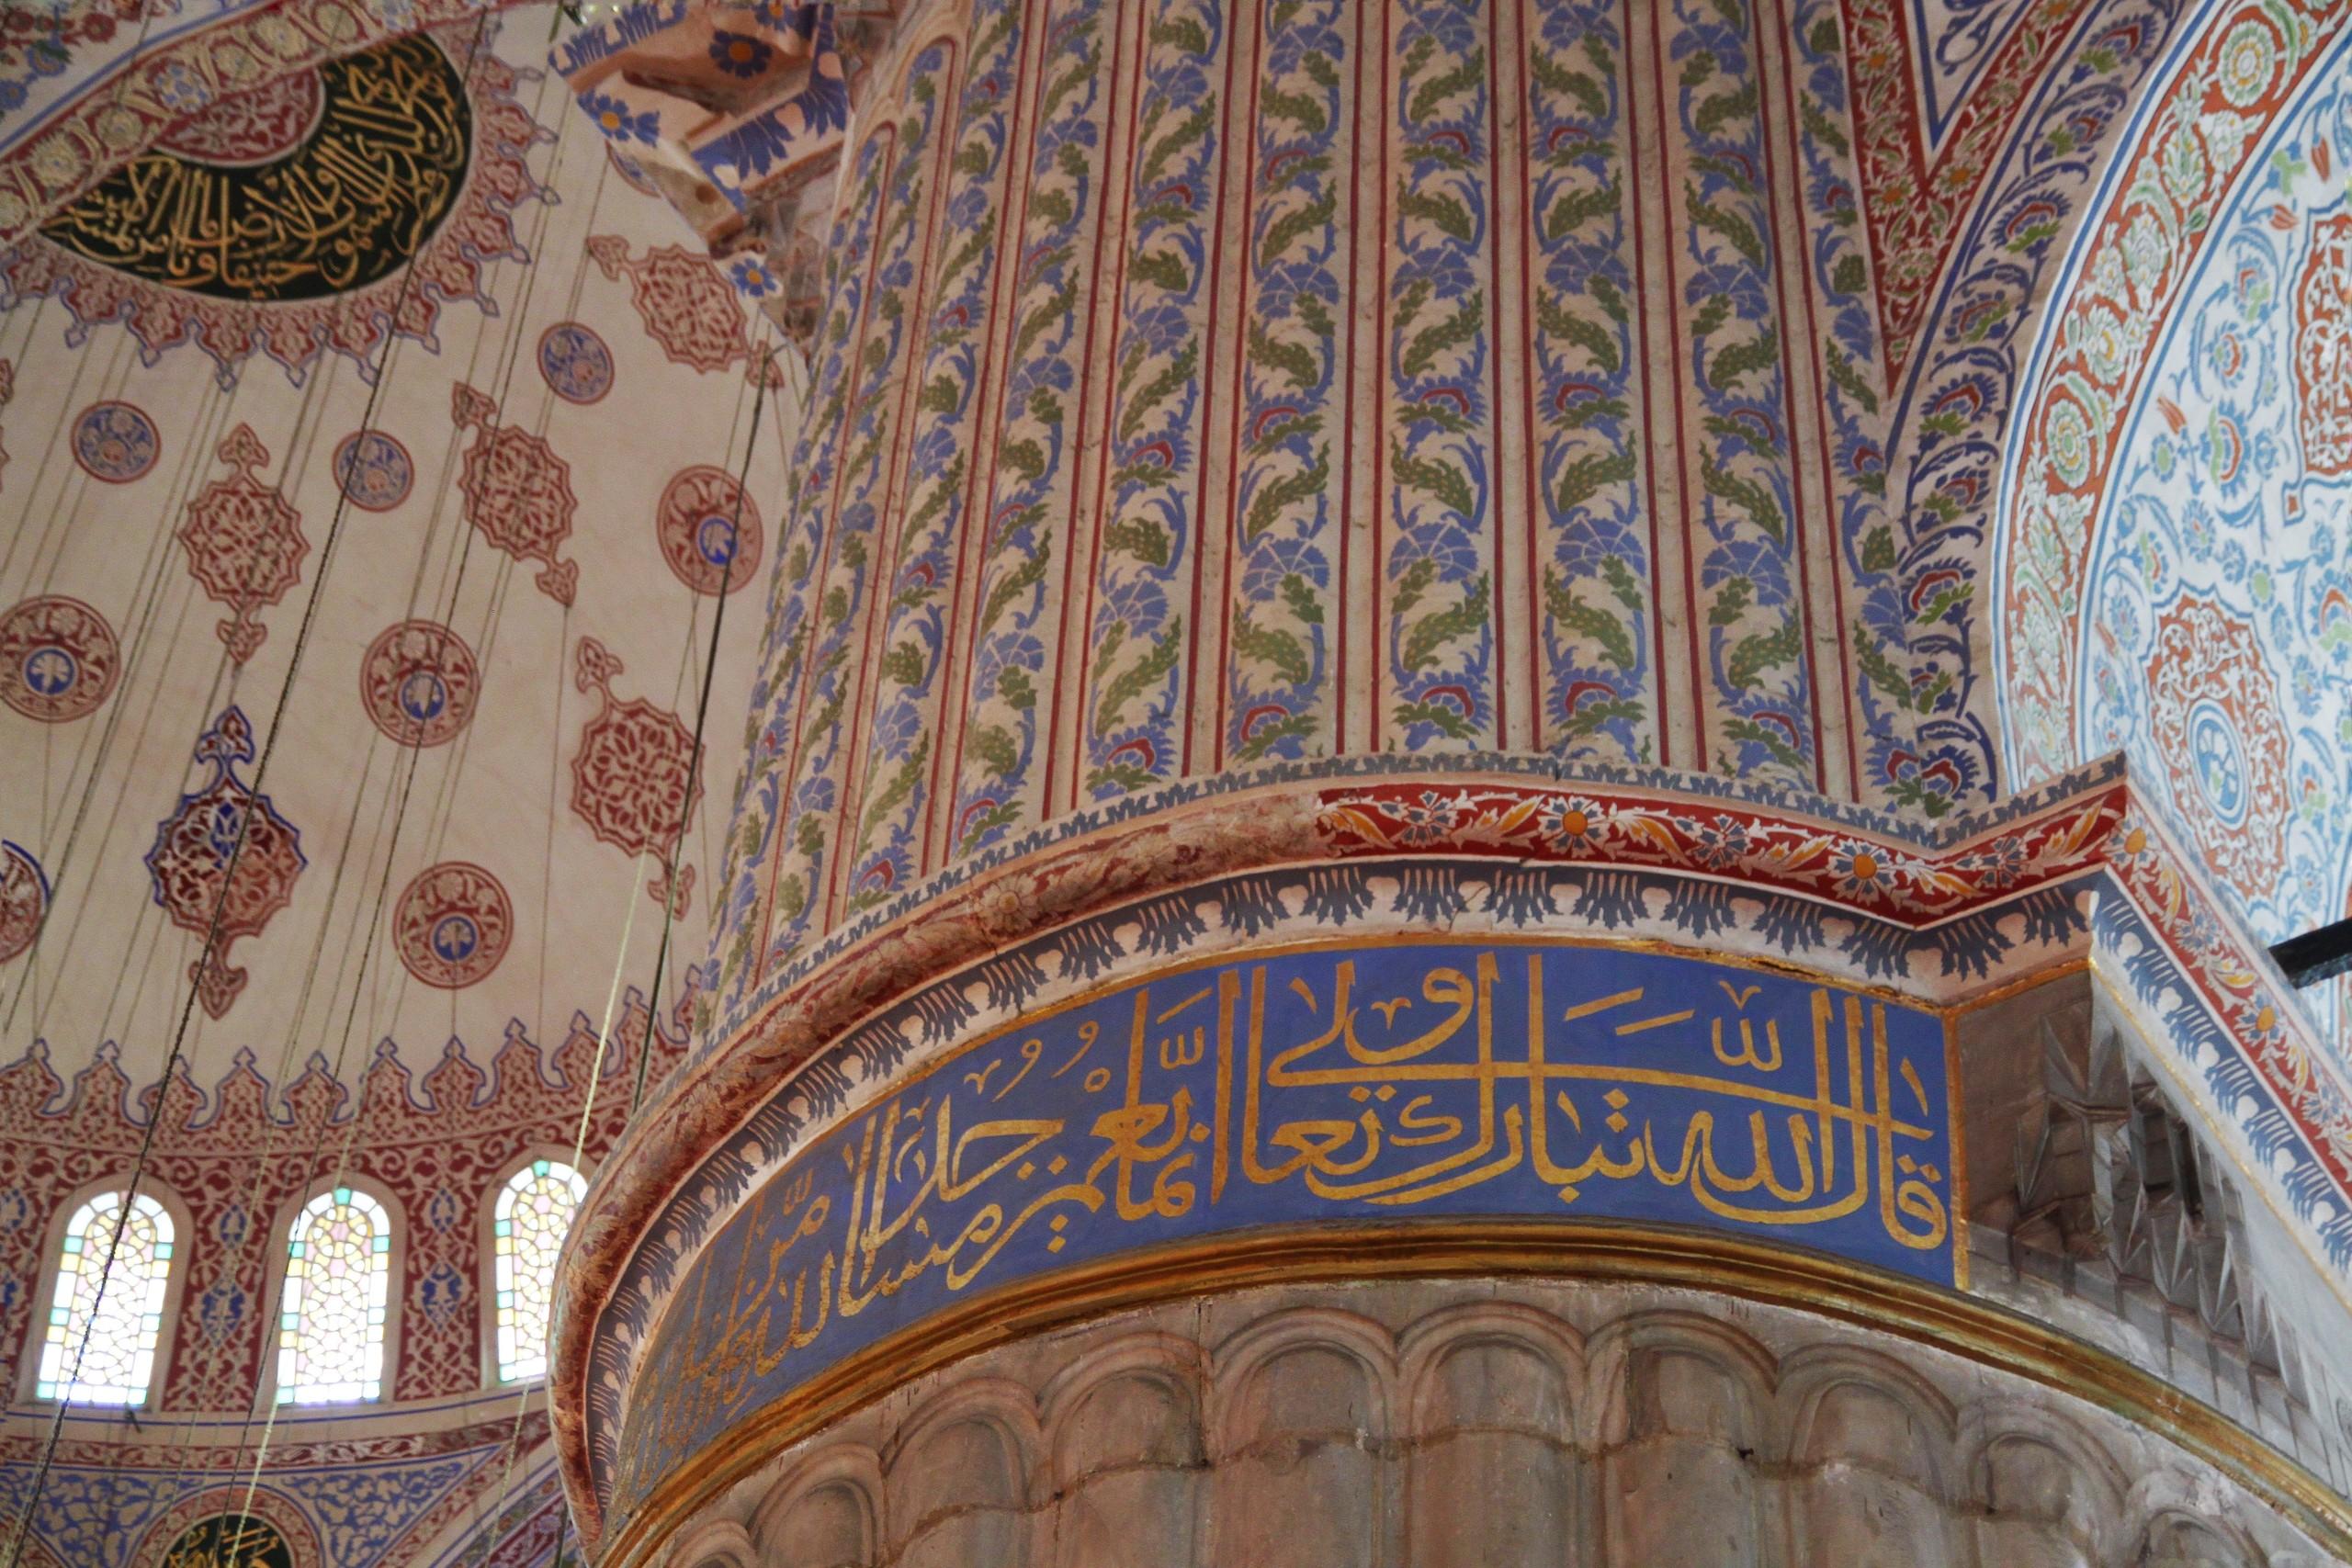 Pırlantadan Kubbeler #5: Sultanahmed - 1daR3D - Pırlantadan Kubbeler #5: Sultanahmed